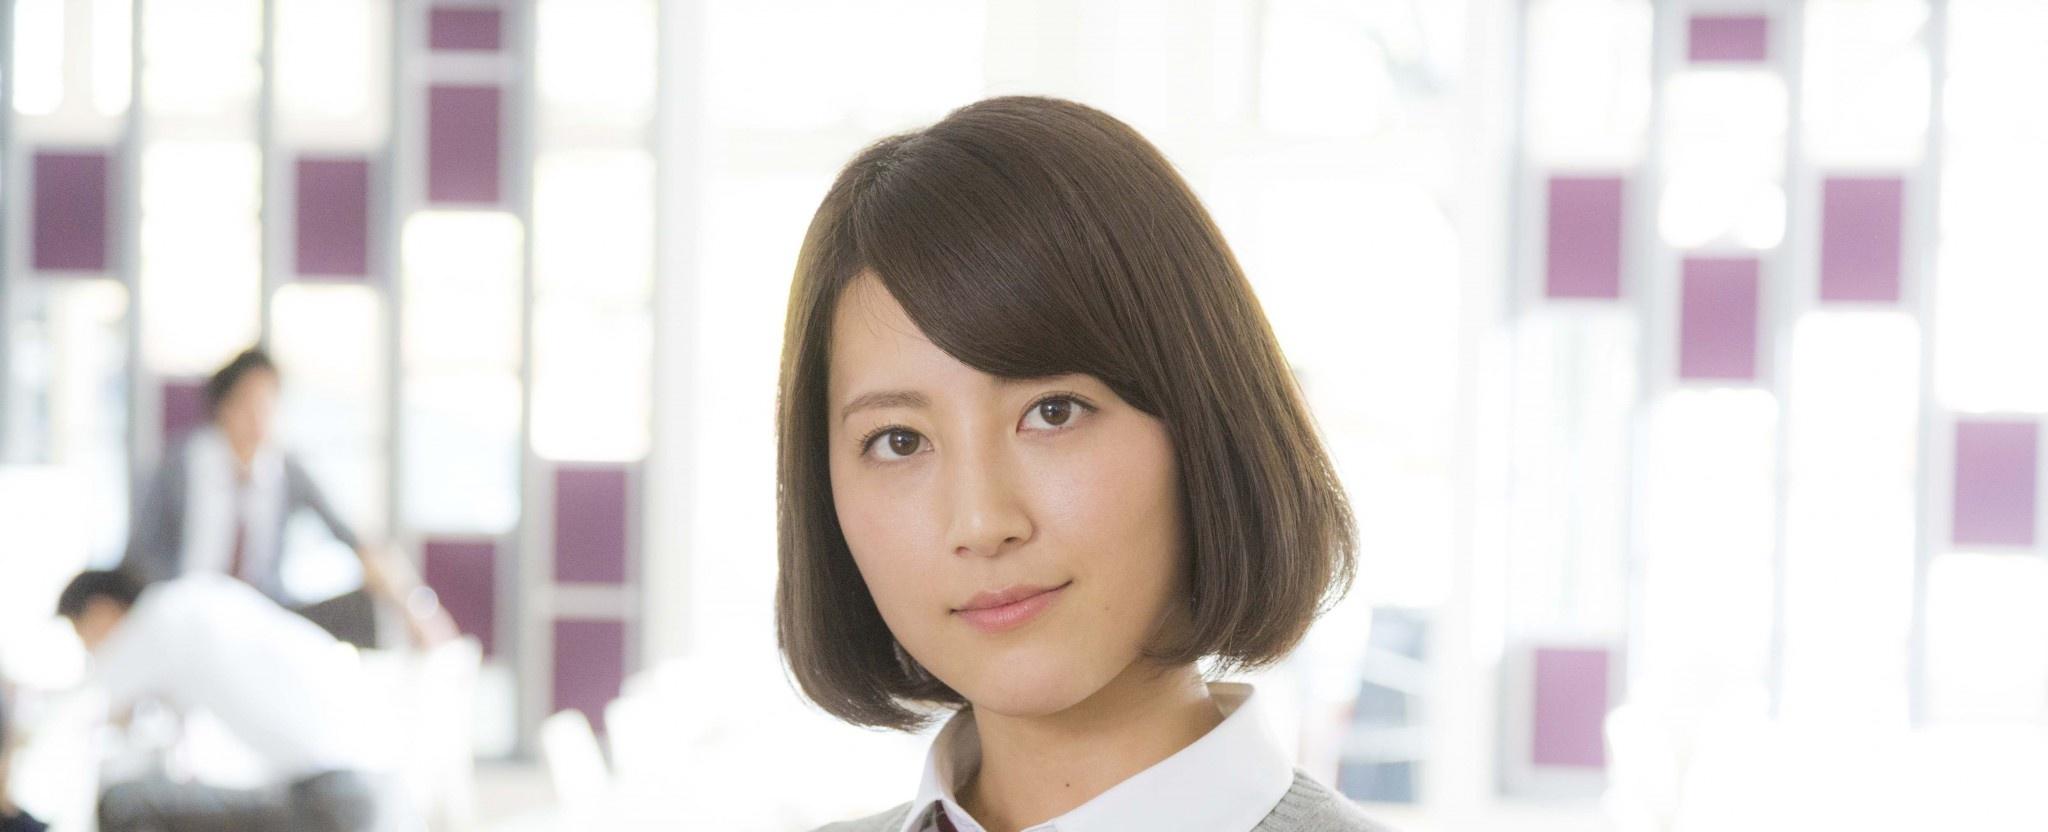 女主角失格_电影剧照_图集_电影网_1905.com